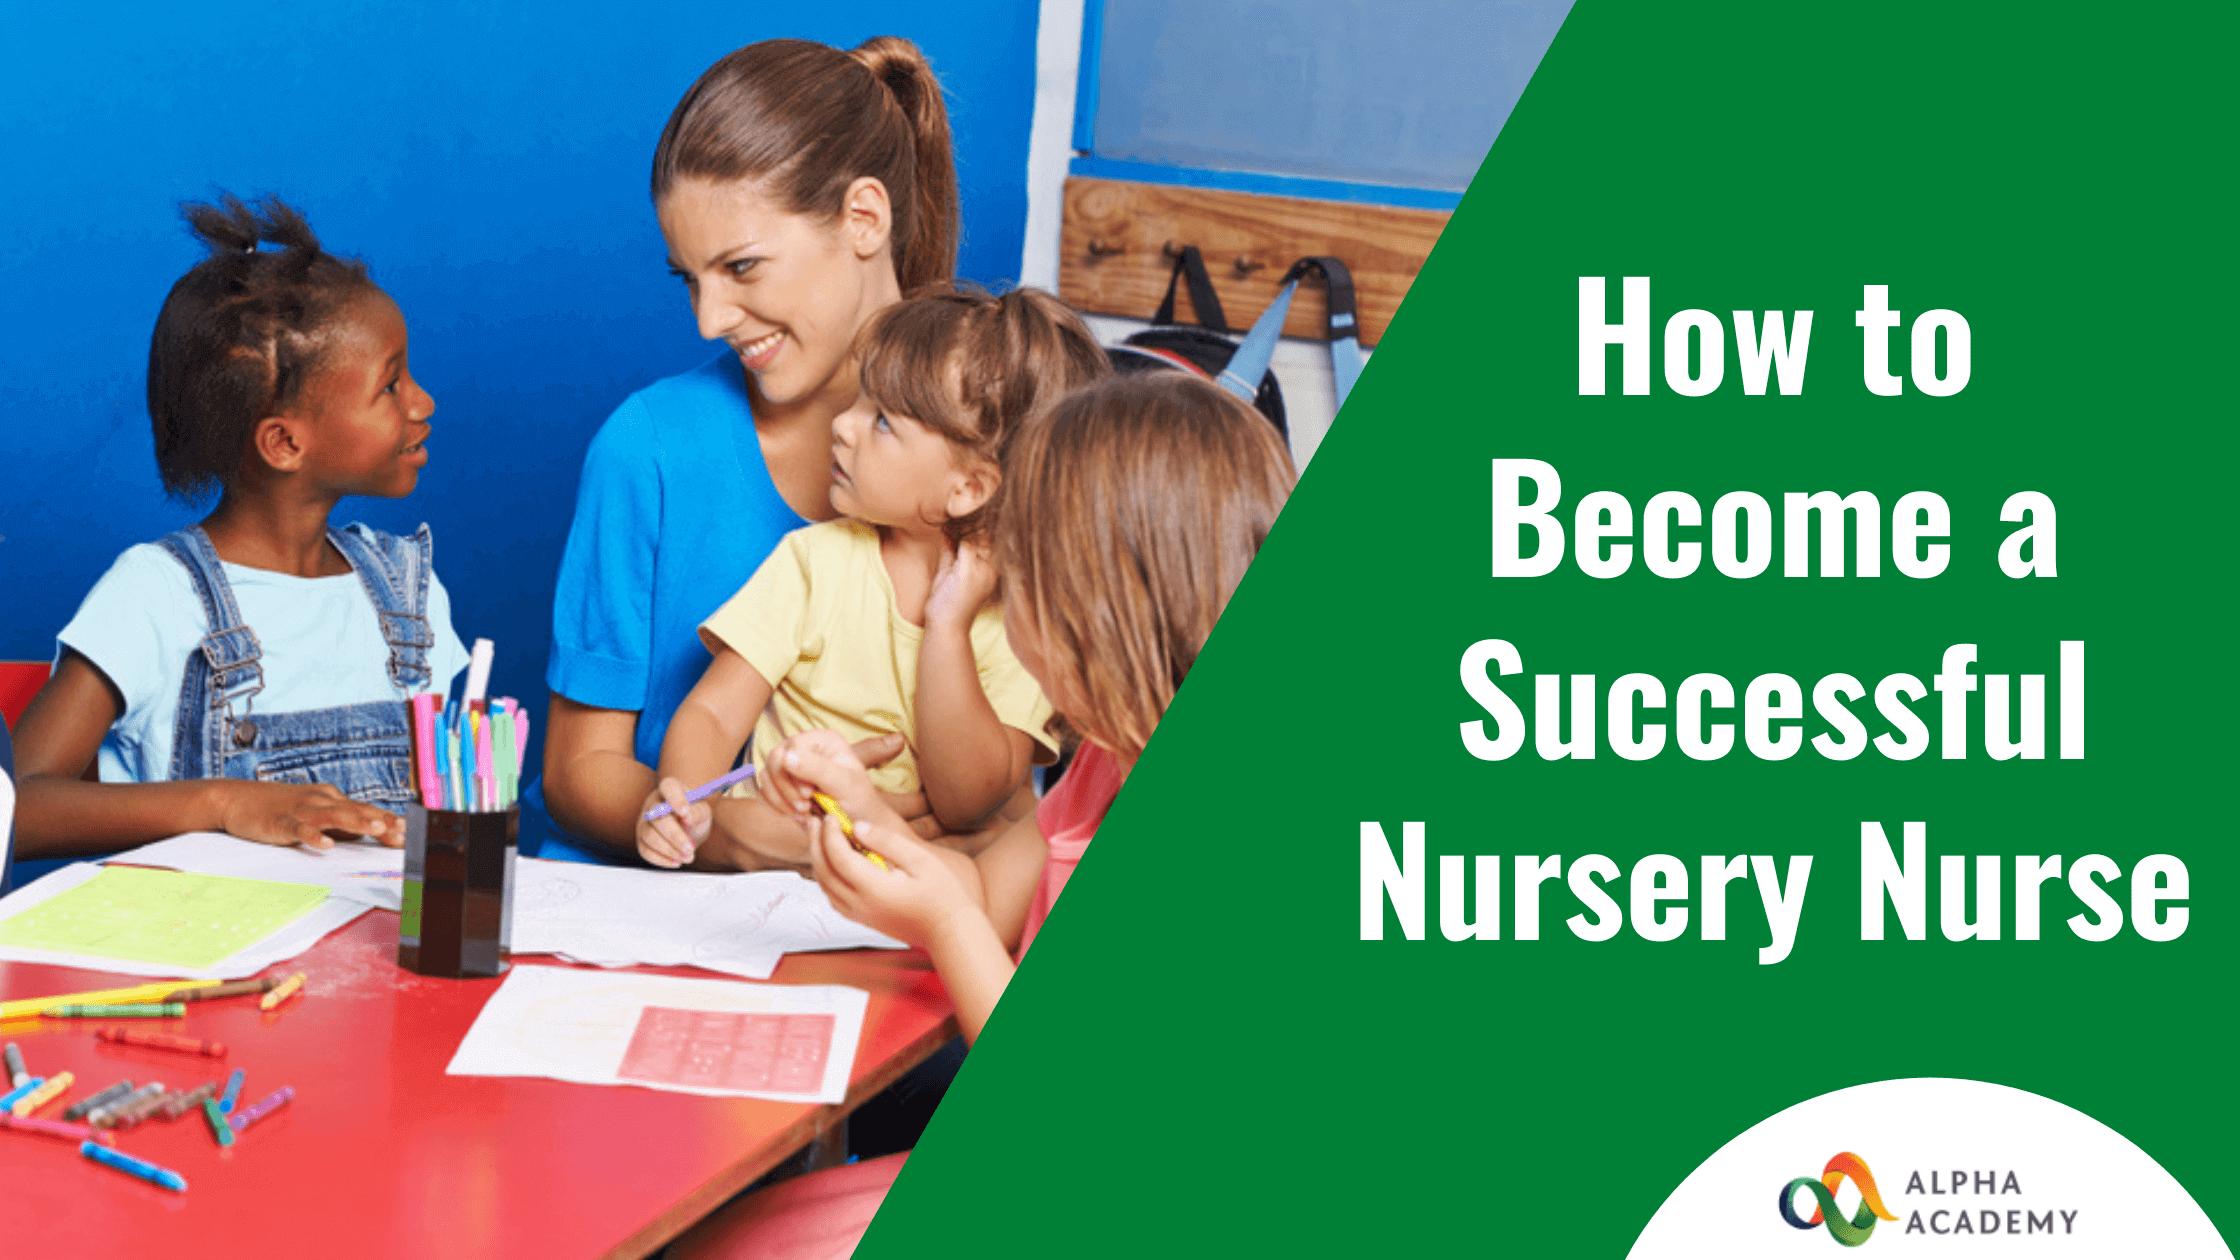 Become-a-successful-Nursery Nurse